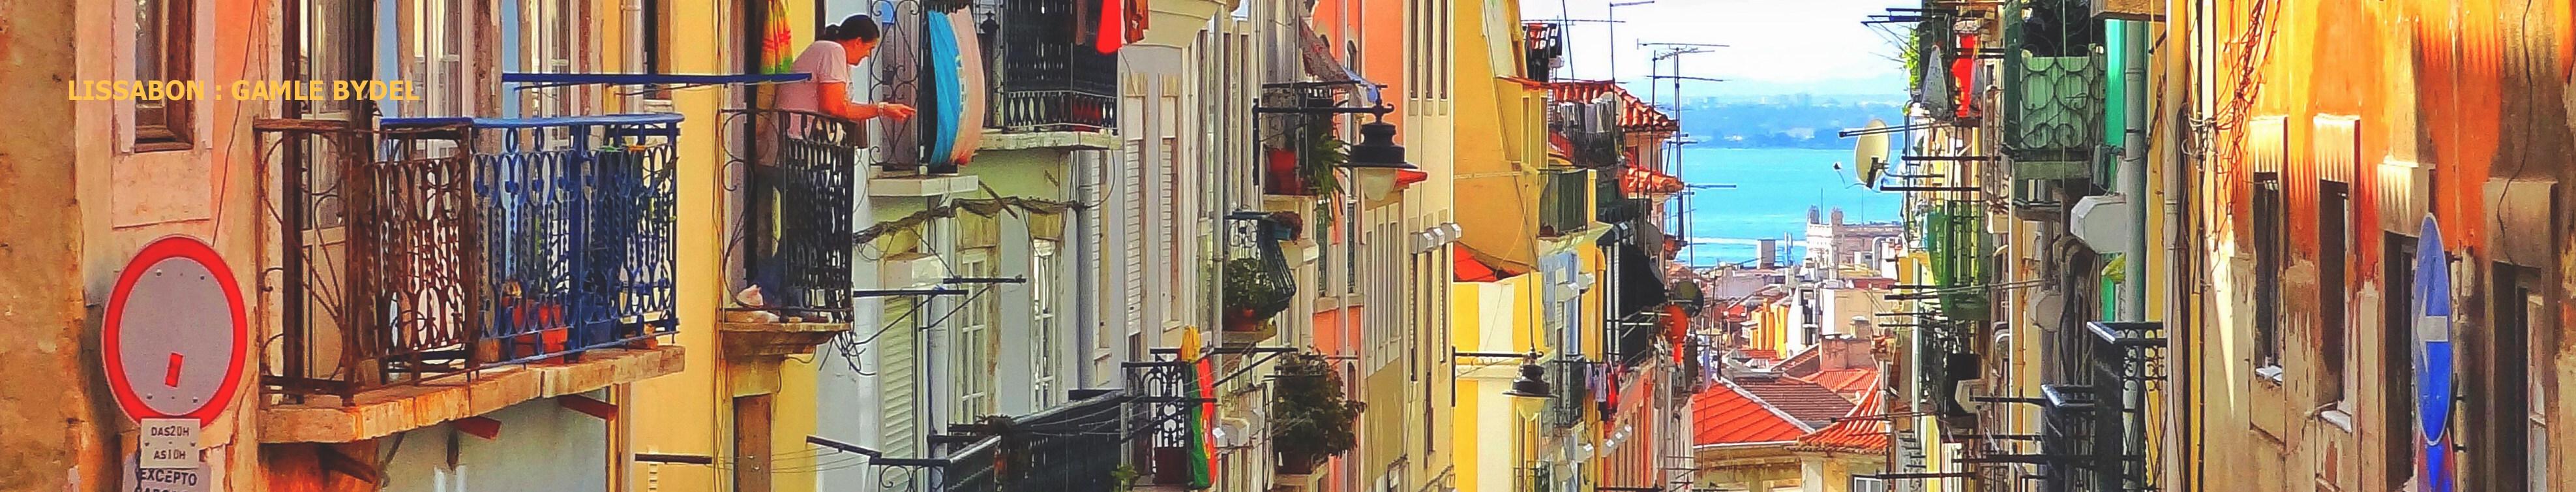 billig grupperejse til Lissabon